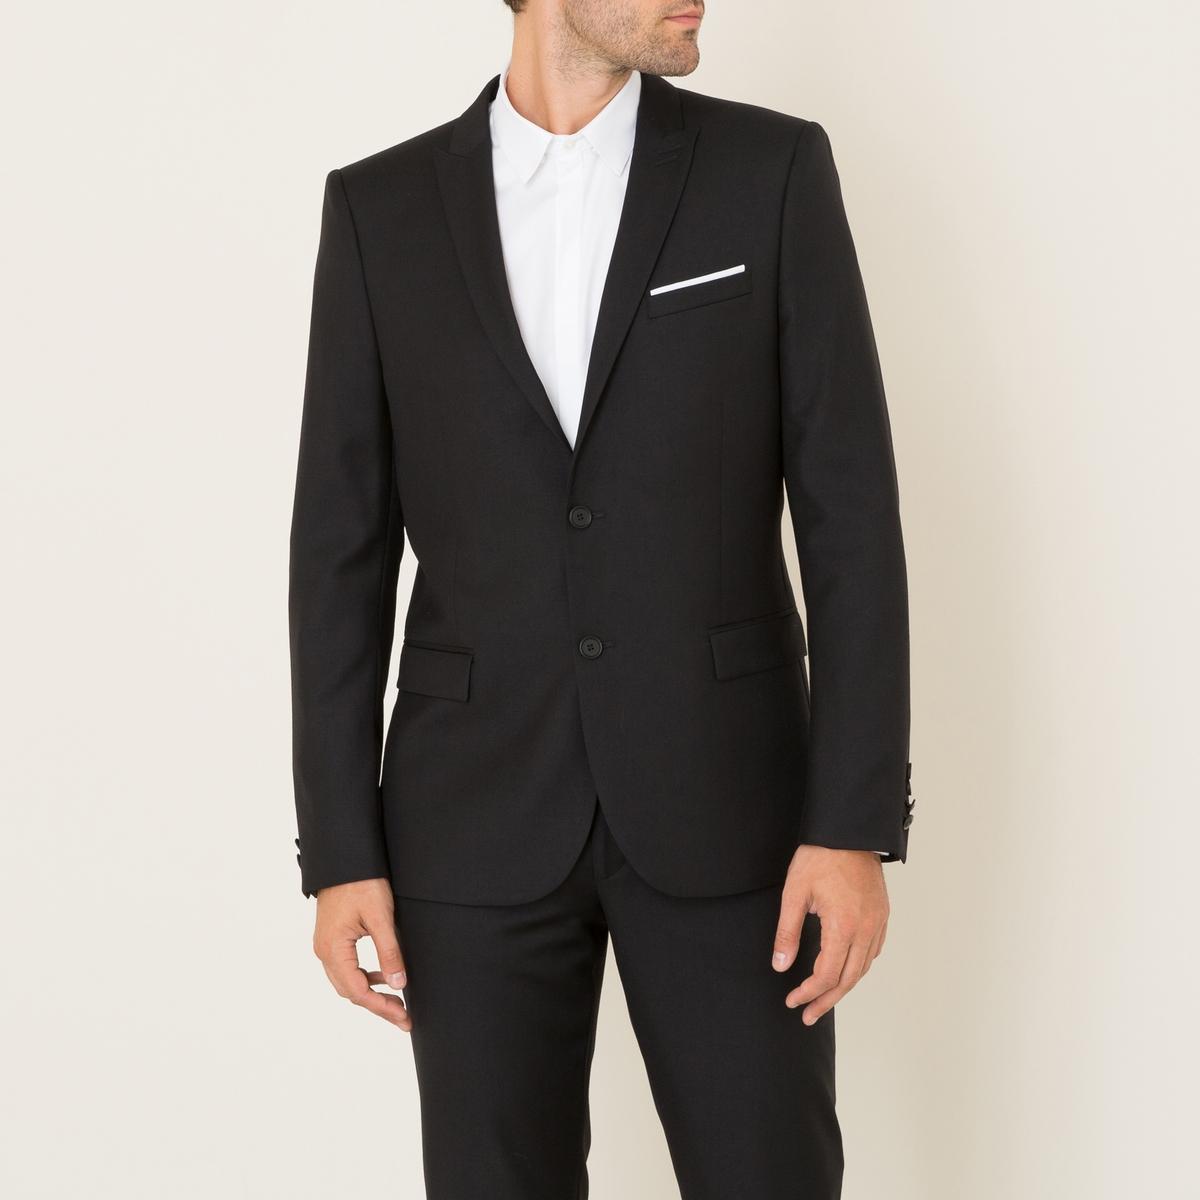 Пиджак костюмныйСостав и описание Материал : 100% ШерстьПодкладка : 100% ВискозаМарка : THE KOOPLES<br><br>Цвет: черный<br>Размер: 52